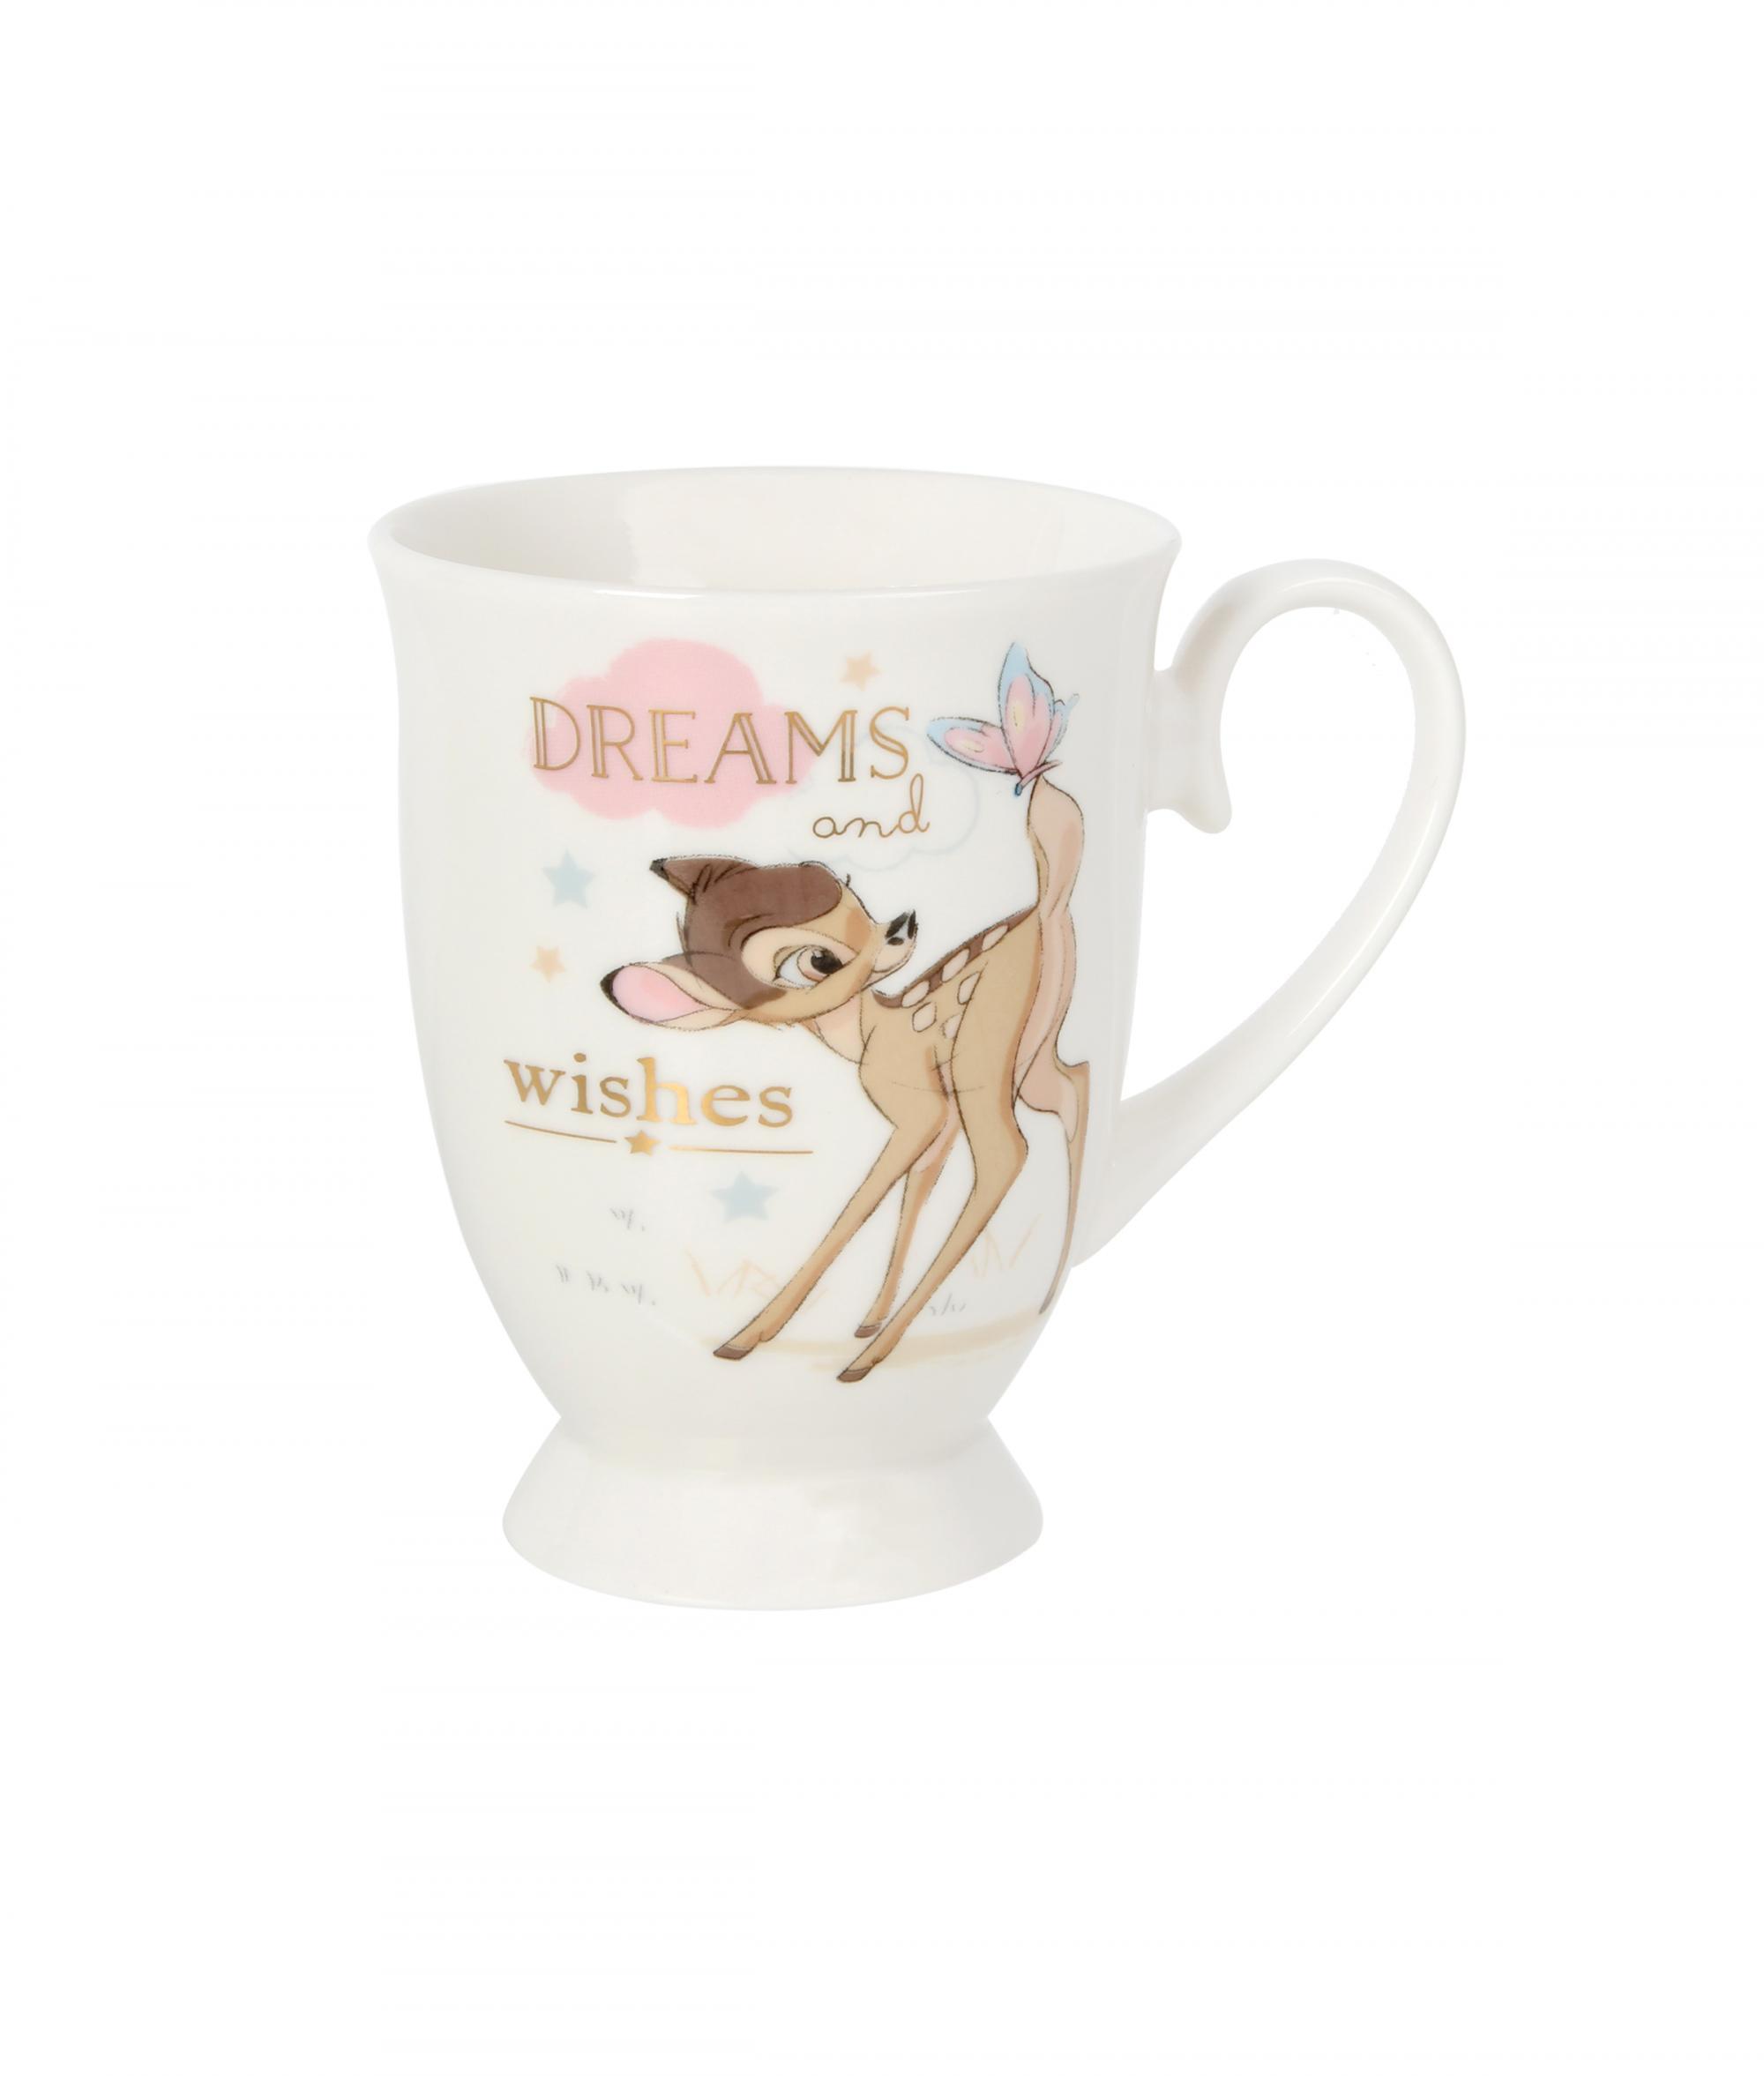 Disney Baby Gifts Uk : Disney magical moments bambi dreams wishes mug